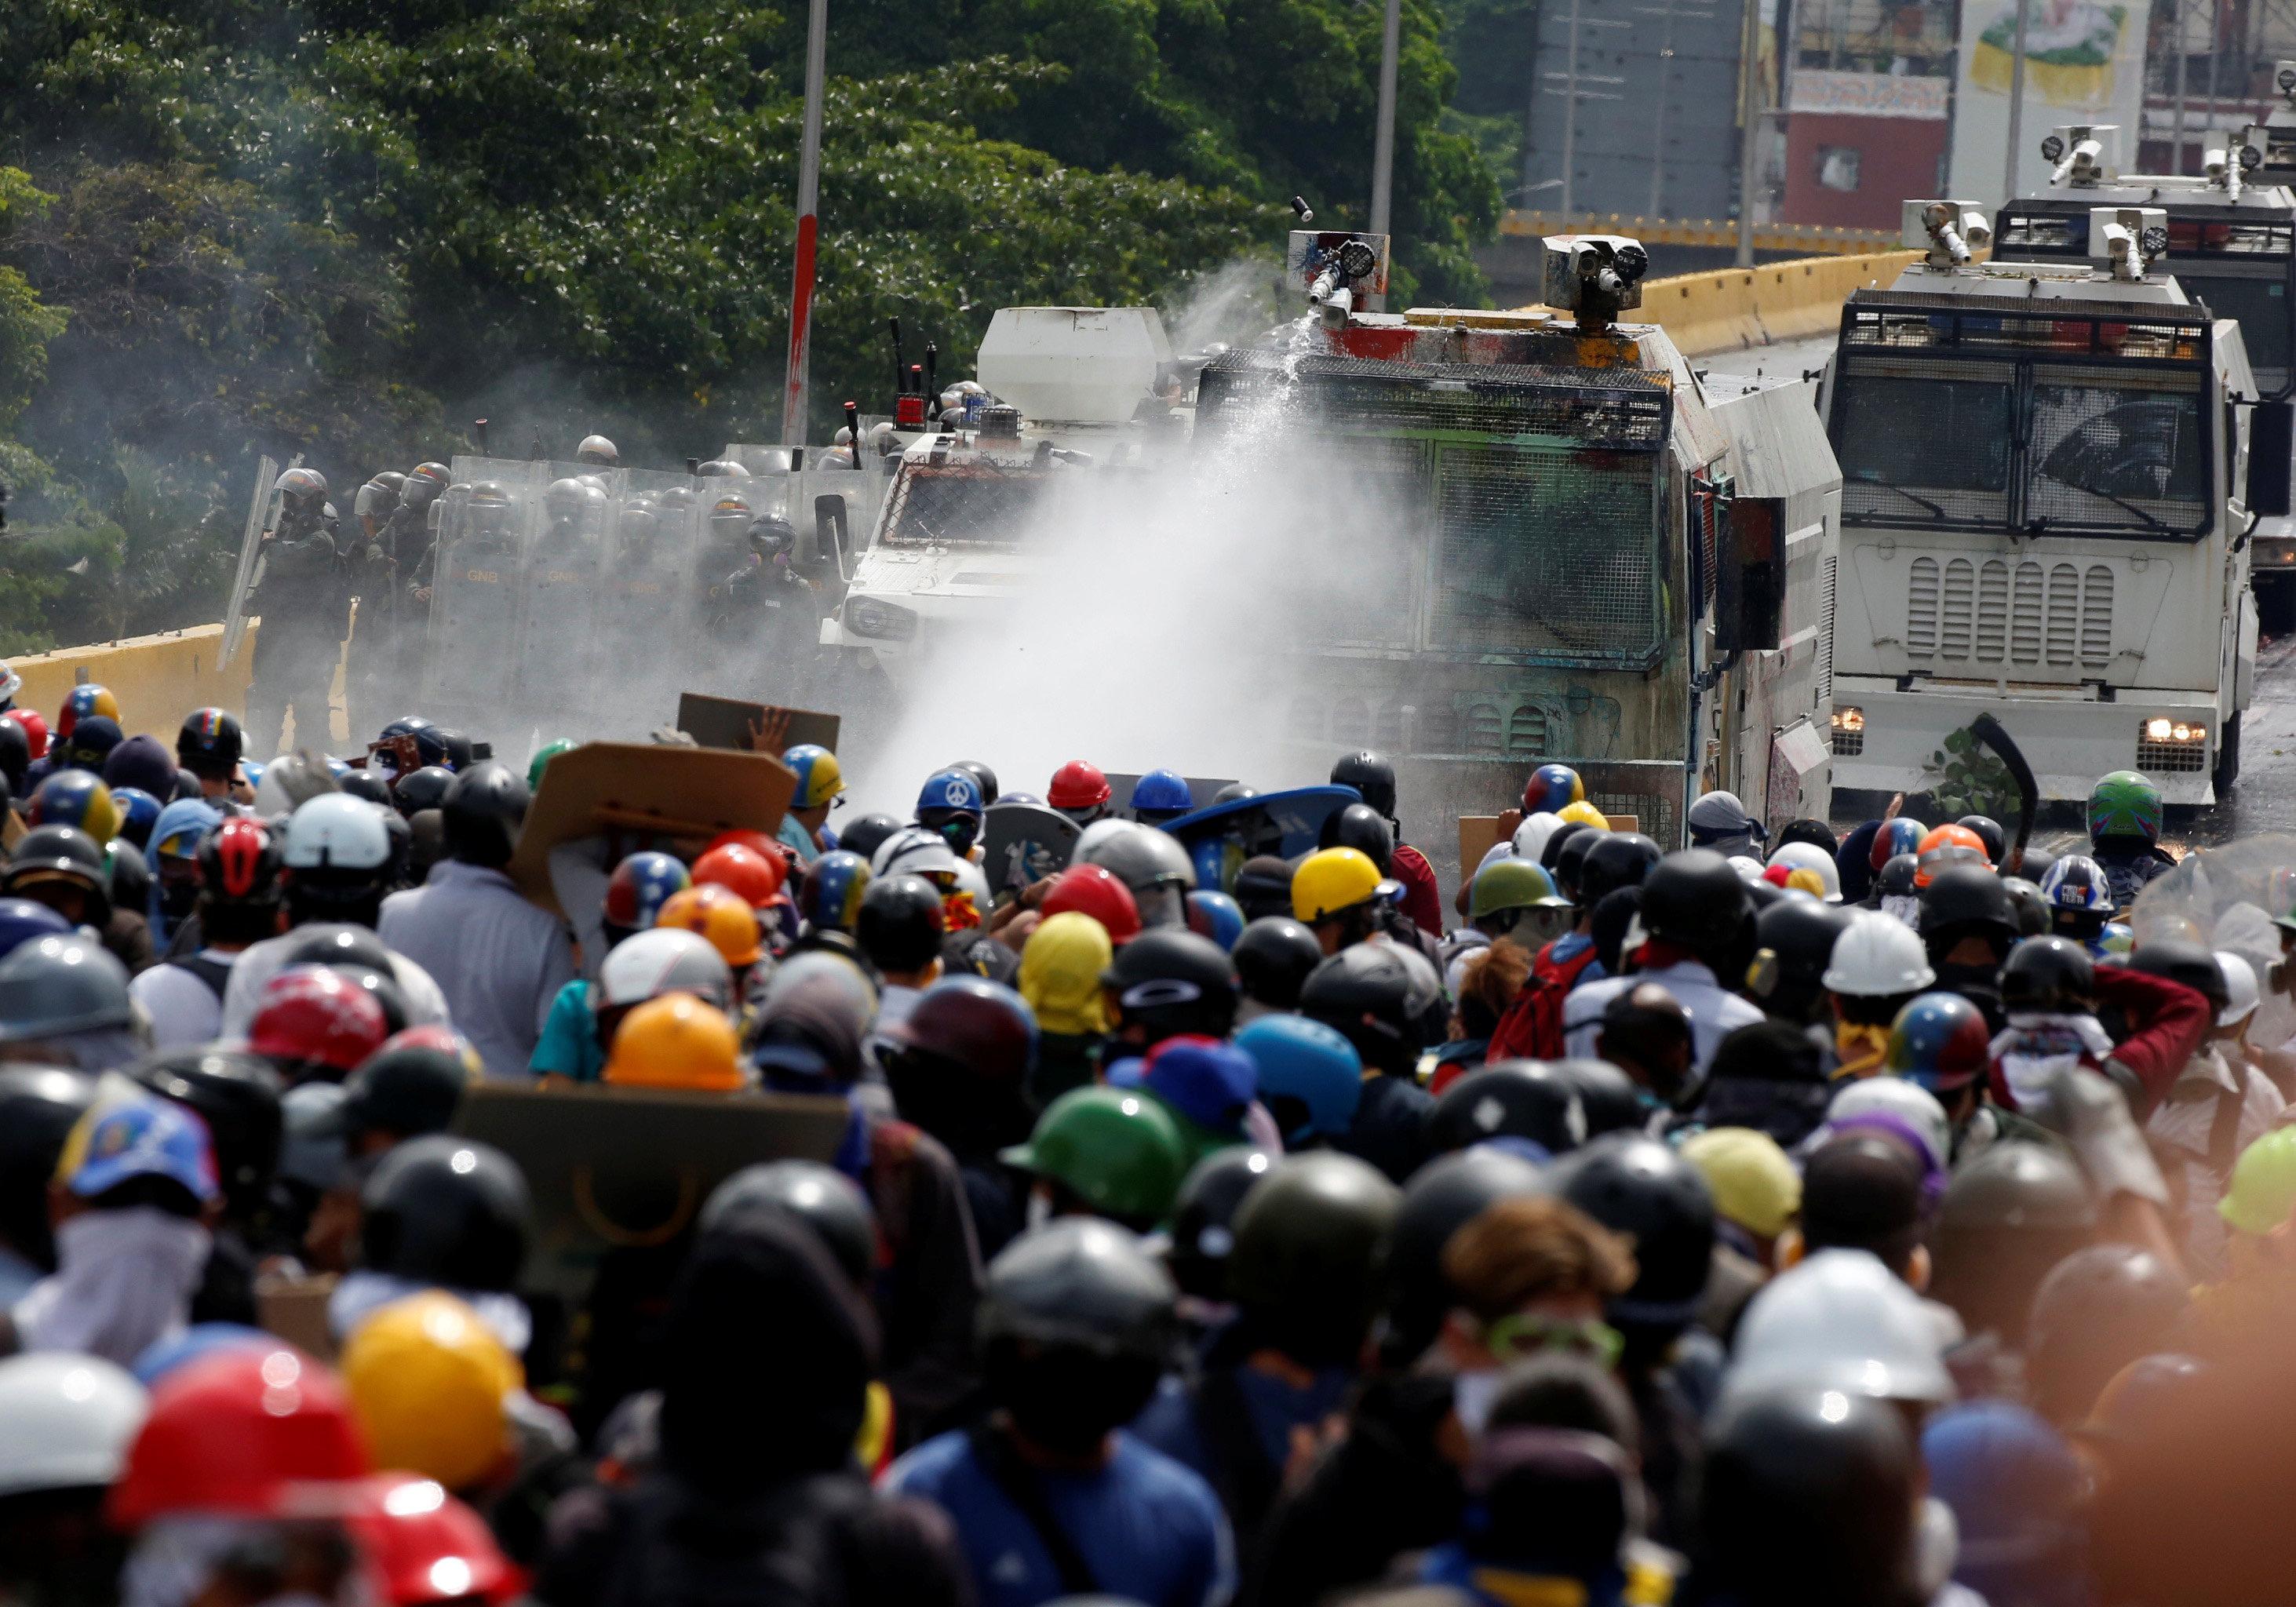 Al menos 35 heridos producto de las manifestaciones han sido ingresados en Salud Baruta. REUTERS/Carlos Garcia Rawlins